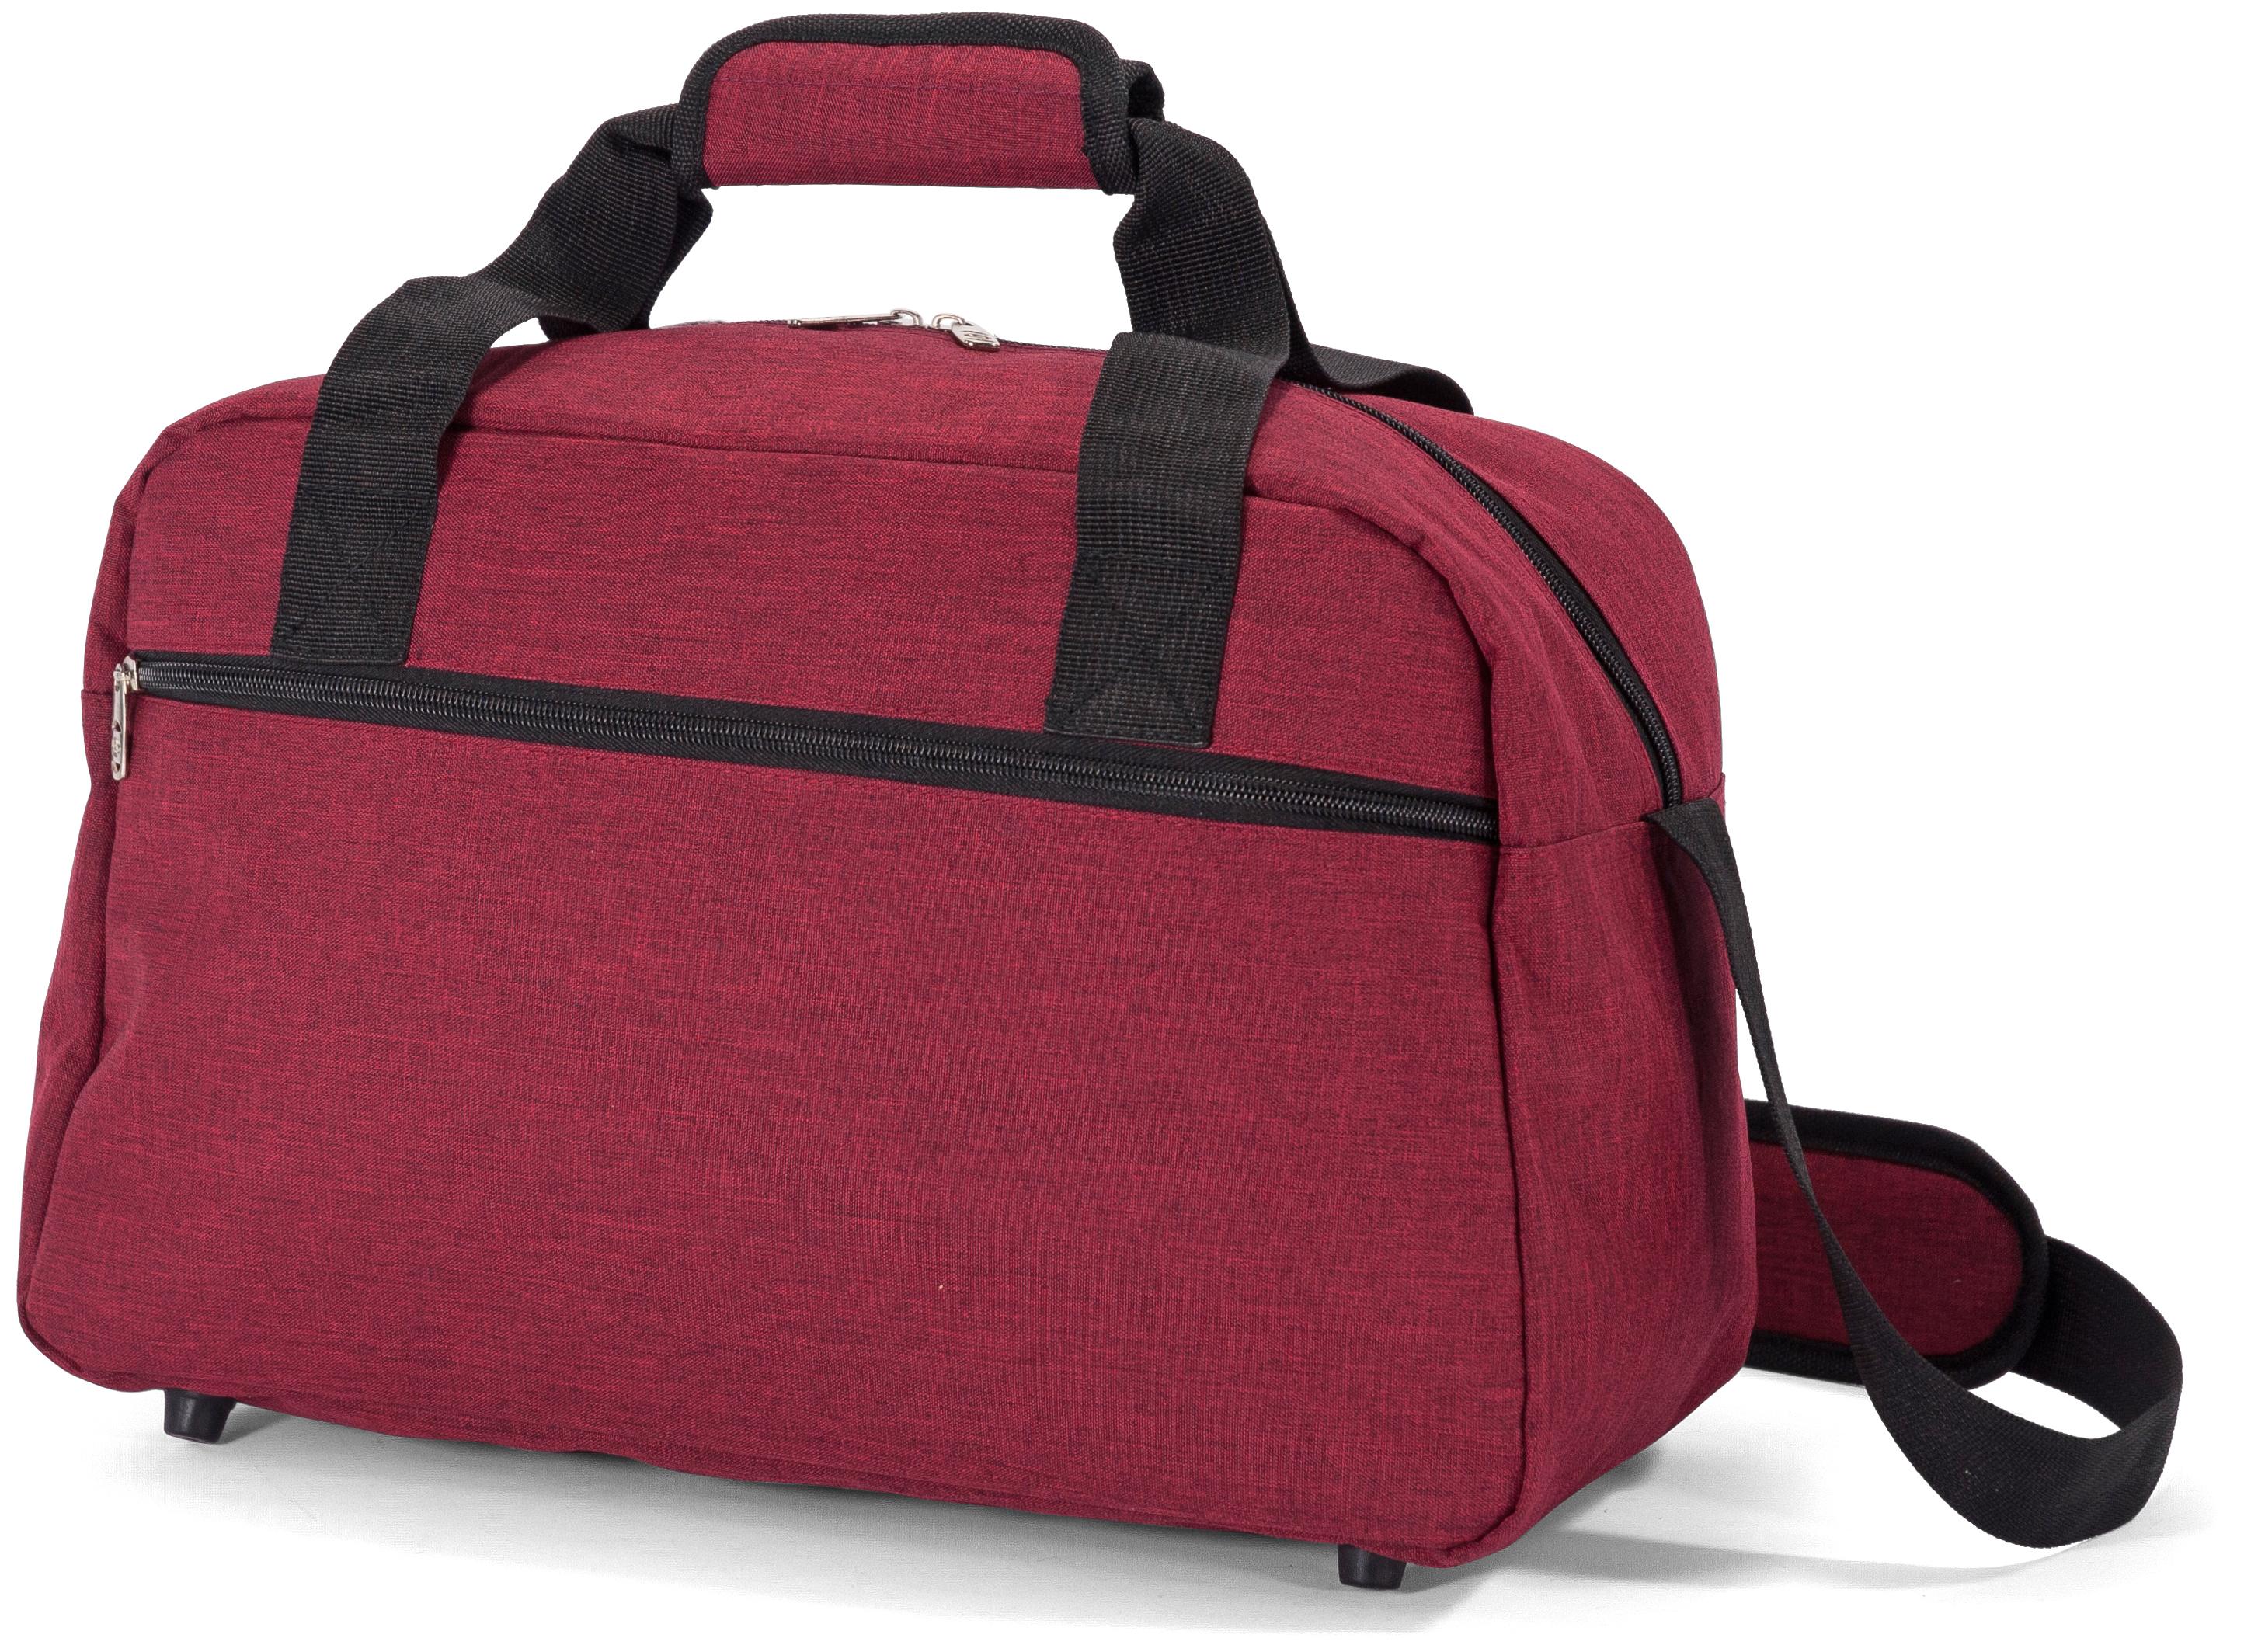 Σακ Βουαγιάζ Underseat Benzi BZ5528 (40x25x20cm) Κόκκινο